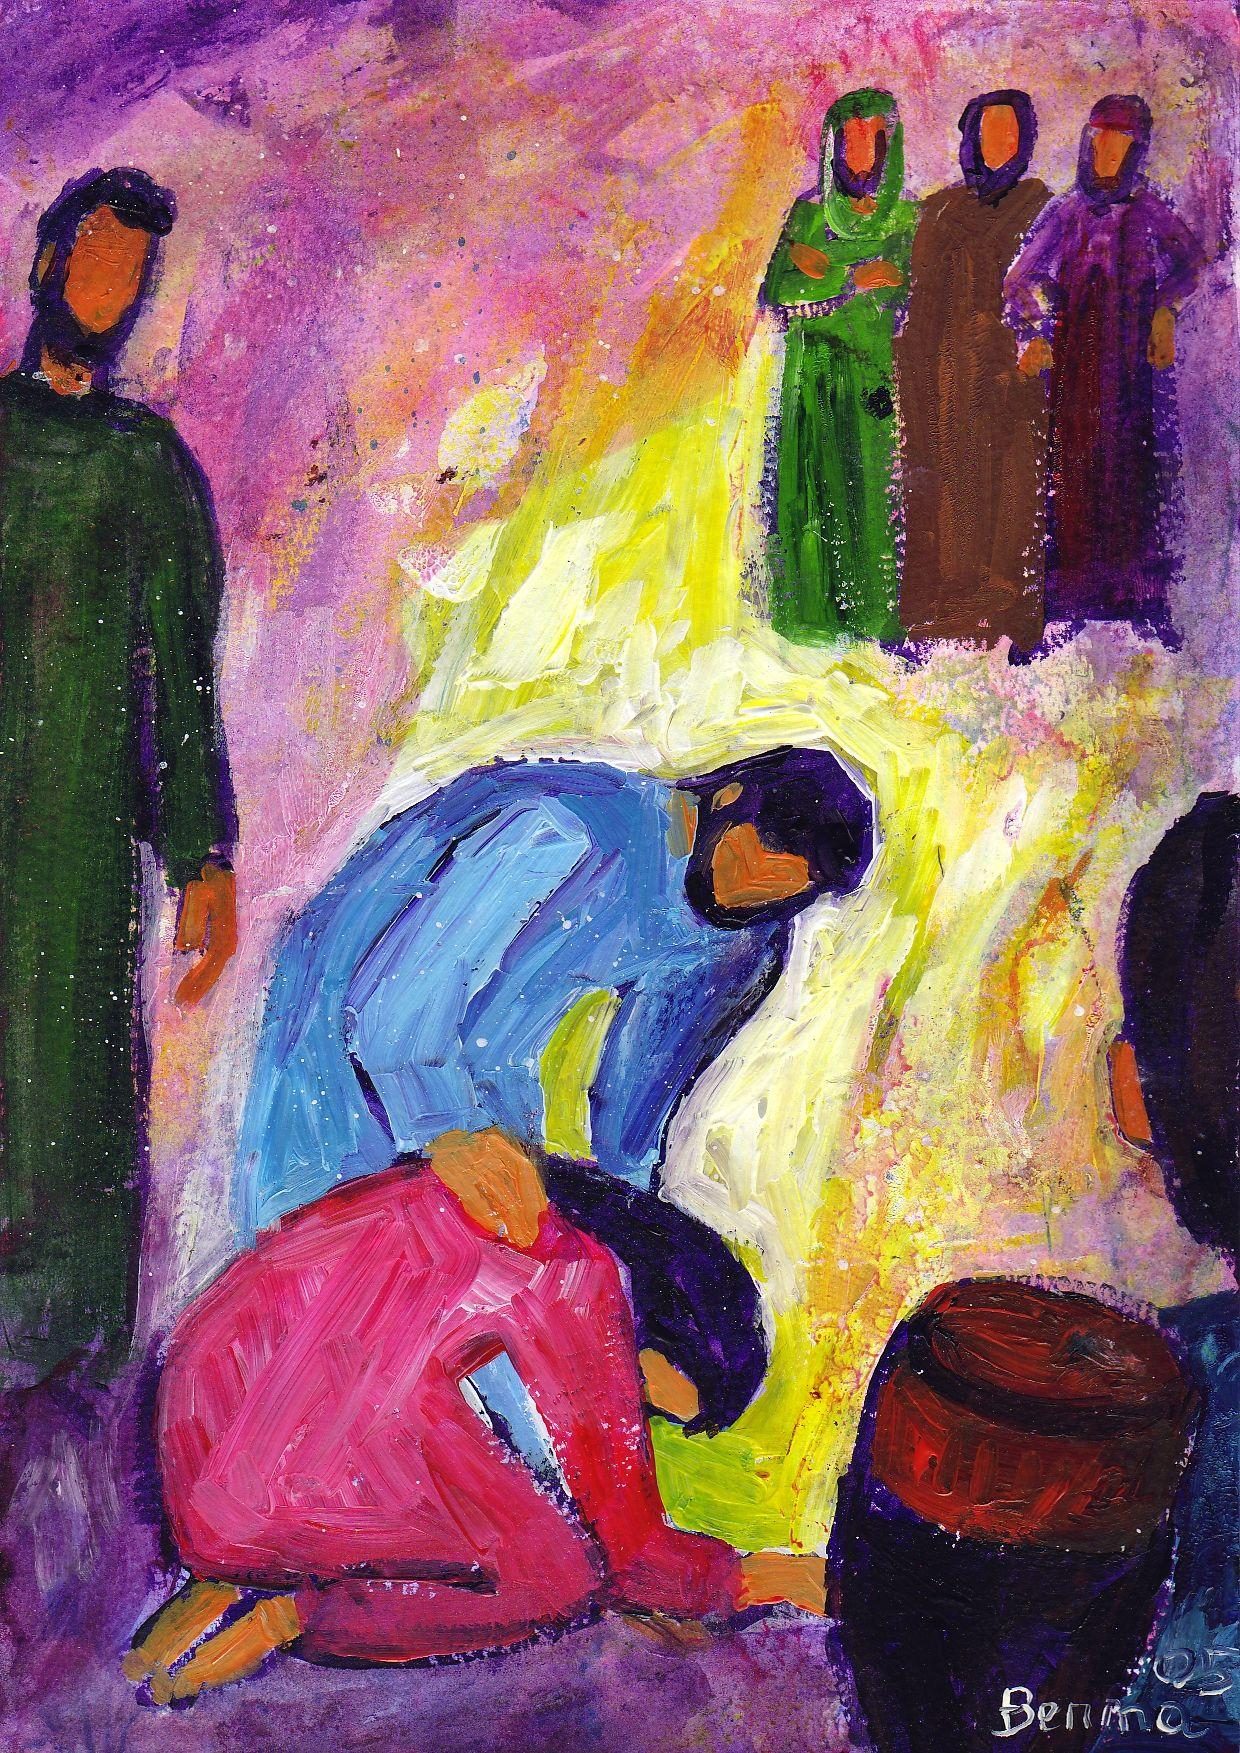 Homélie pour le 20e dimanche du temps ordinaire Année A  « La cananéenne »